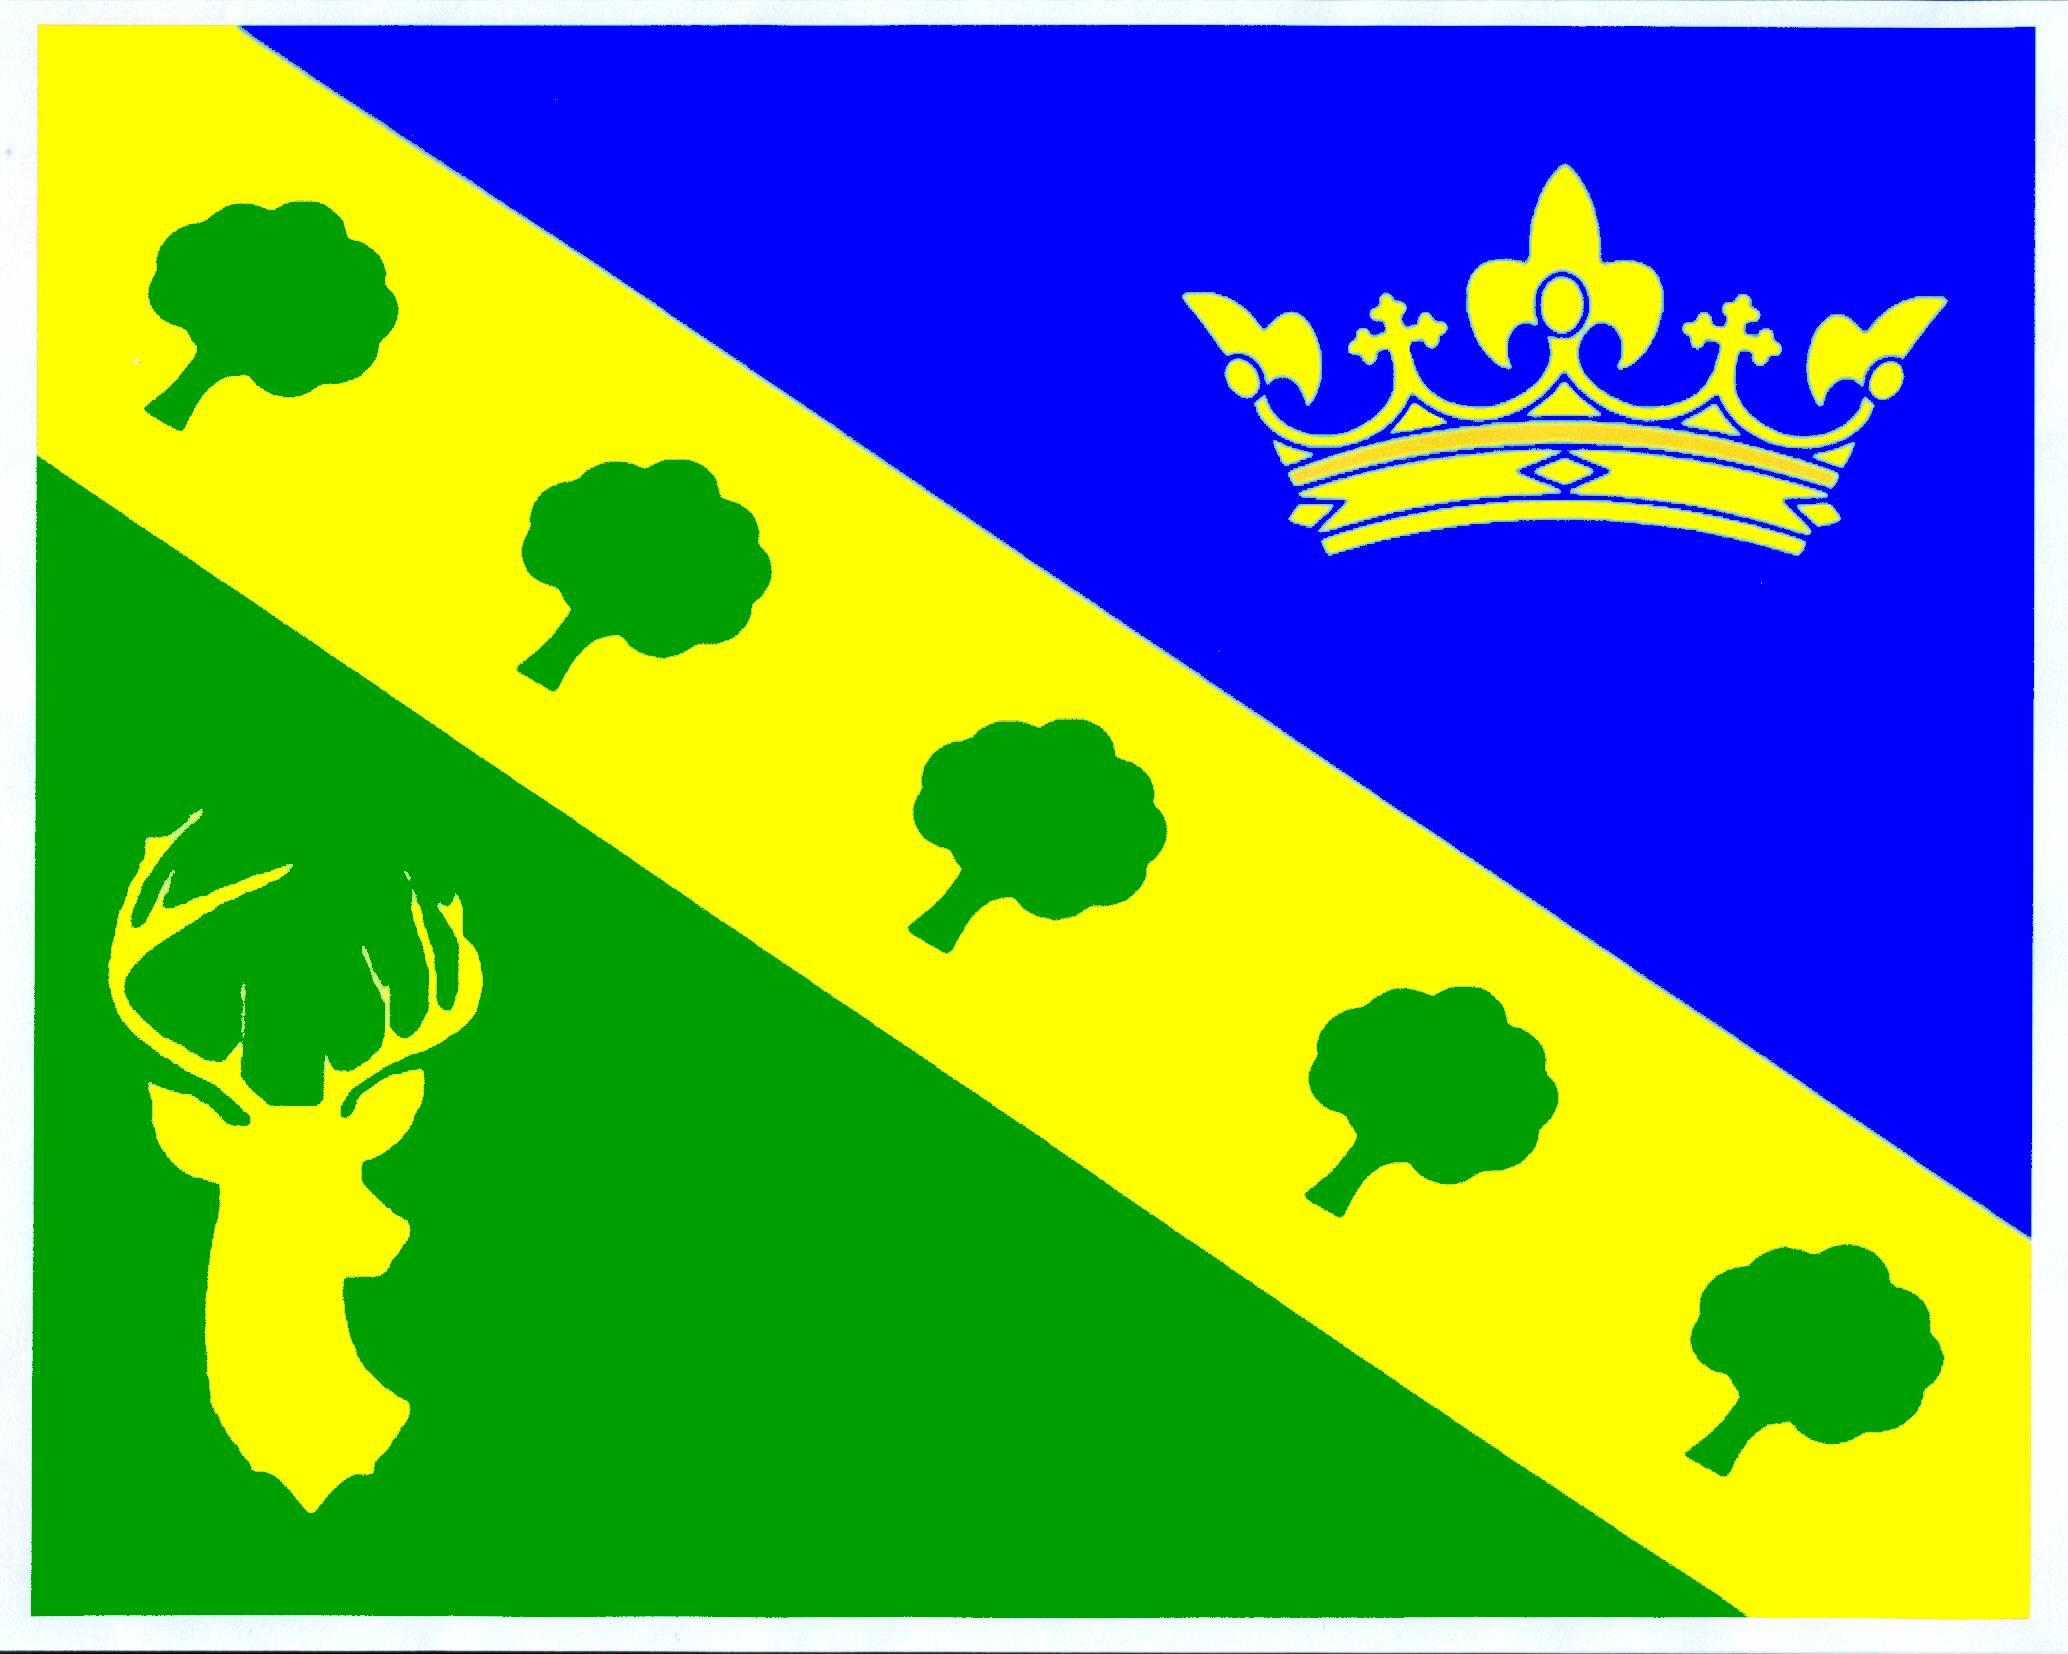 Flagge GemeindeKrummwisch, Kreis Rendsburg-Eckernförde